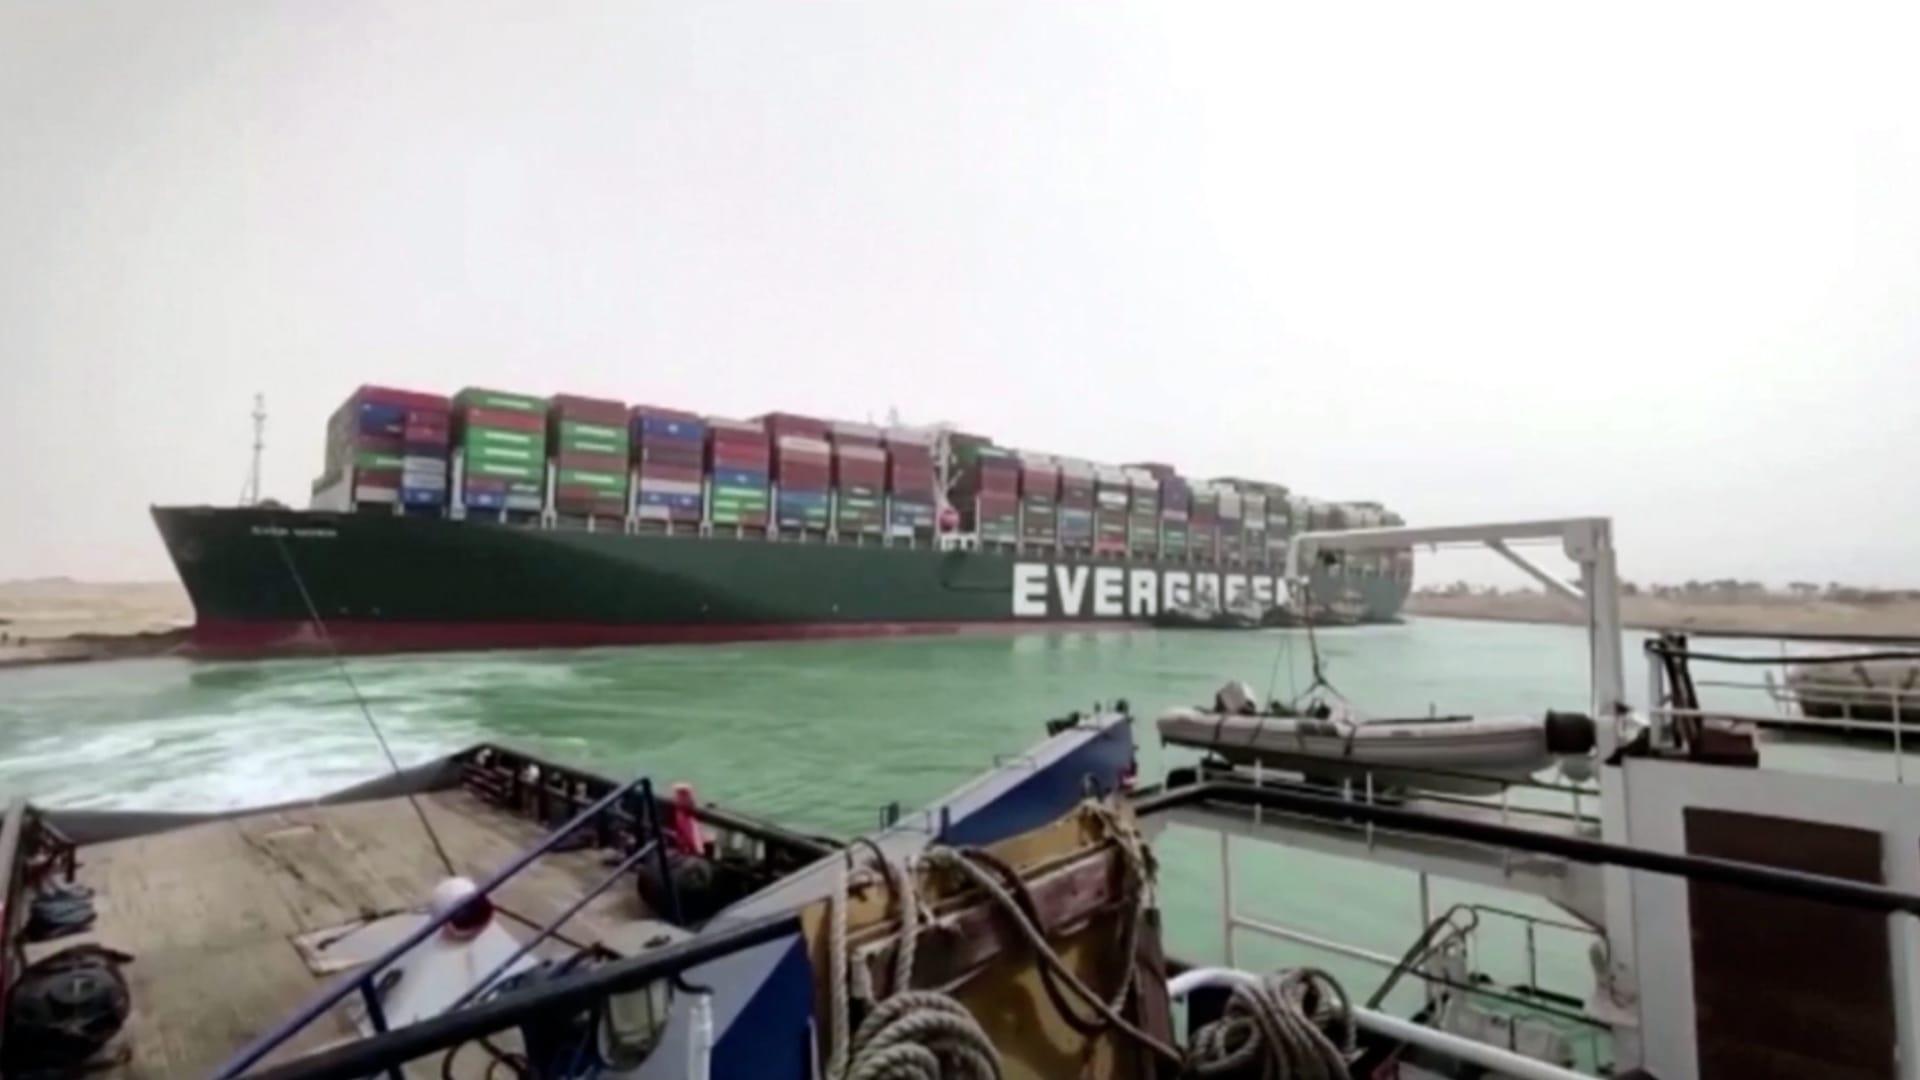 تعليق الملاحة في قناة السويس رسمياً.. واصطفاف 160 سفينة في ازدحام مروري